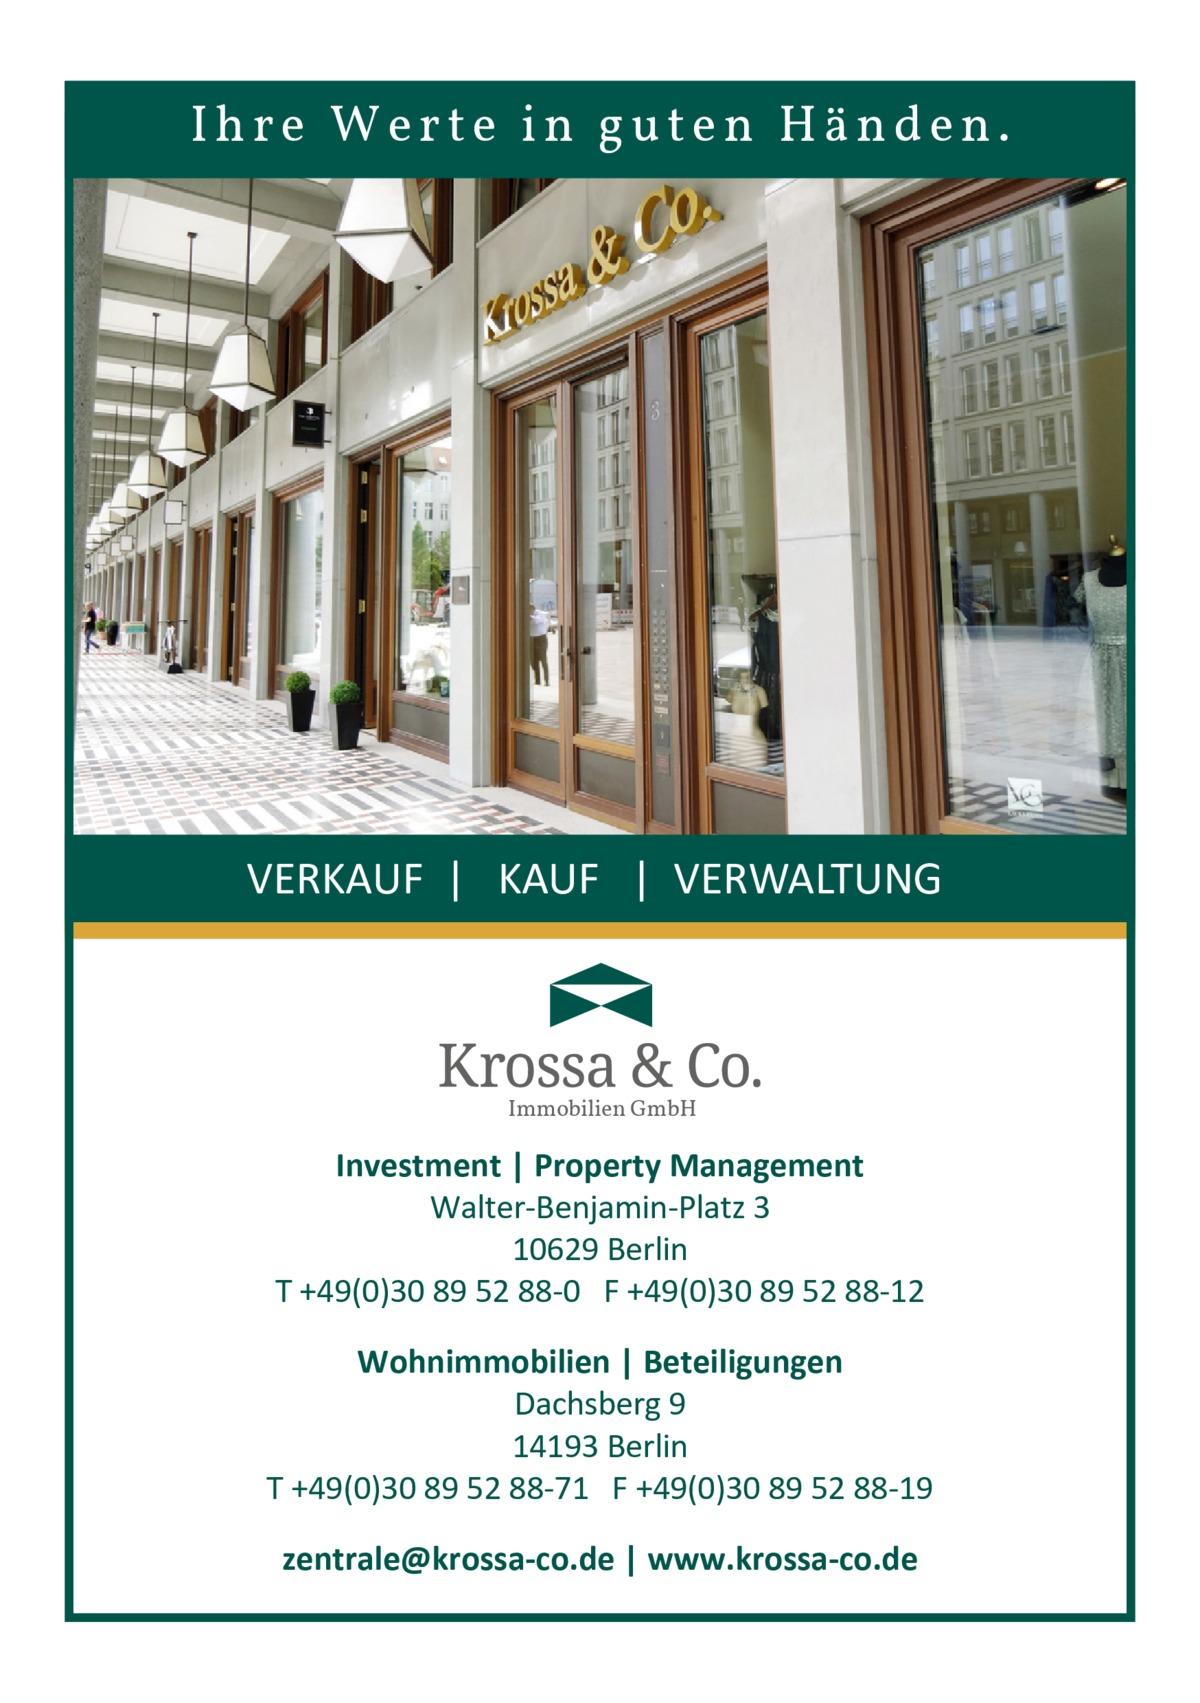 Ihre Werte in guten Händen.  VERKAUF | KAUF | VERWALTUNG  Immobilien GmbH  Investment | Property Management Walter-Benjamin-Platz 3 10629 Berlin T +49(0)30 89 52 88-0 F +49(0)30 89 52 88-12 Wohnimmobilien | Beteiligungen Dachsberg 9 14193 Berlin T +49(0)30 89 52 88-71 F +49(0)30 89 52 88-19 zentrale@krossa-co.de | www.krossa-co.de